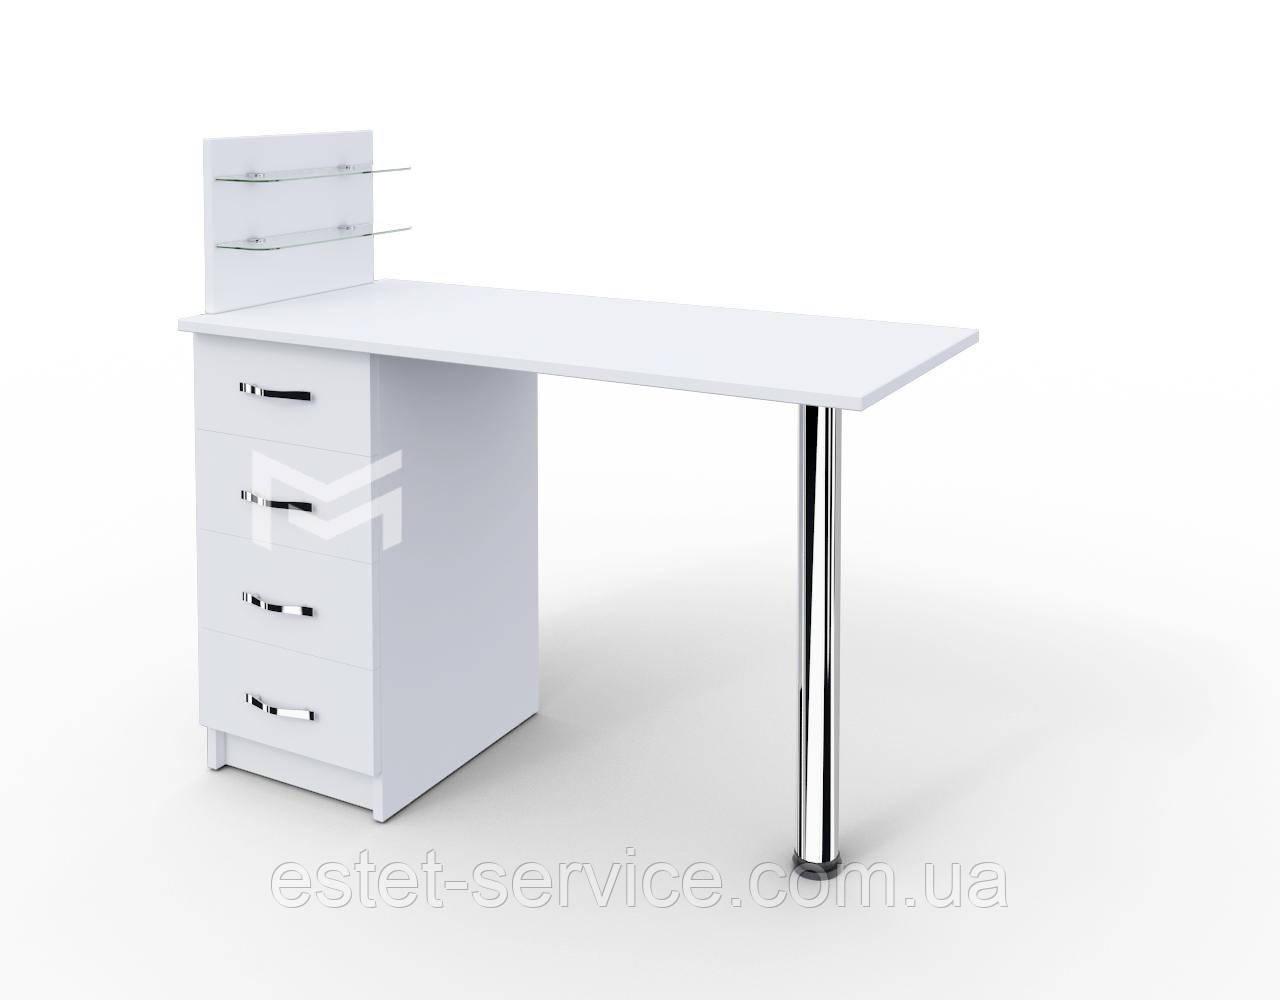 Однотумбовый маникюрный стол с полкой для лаков белый М106